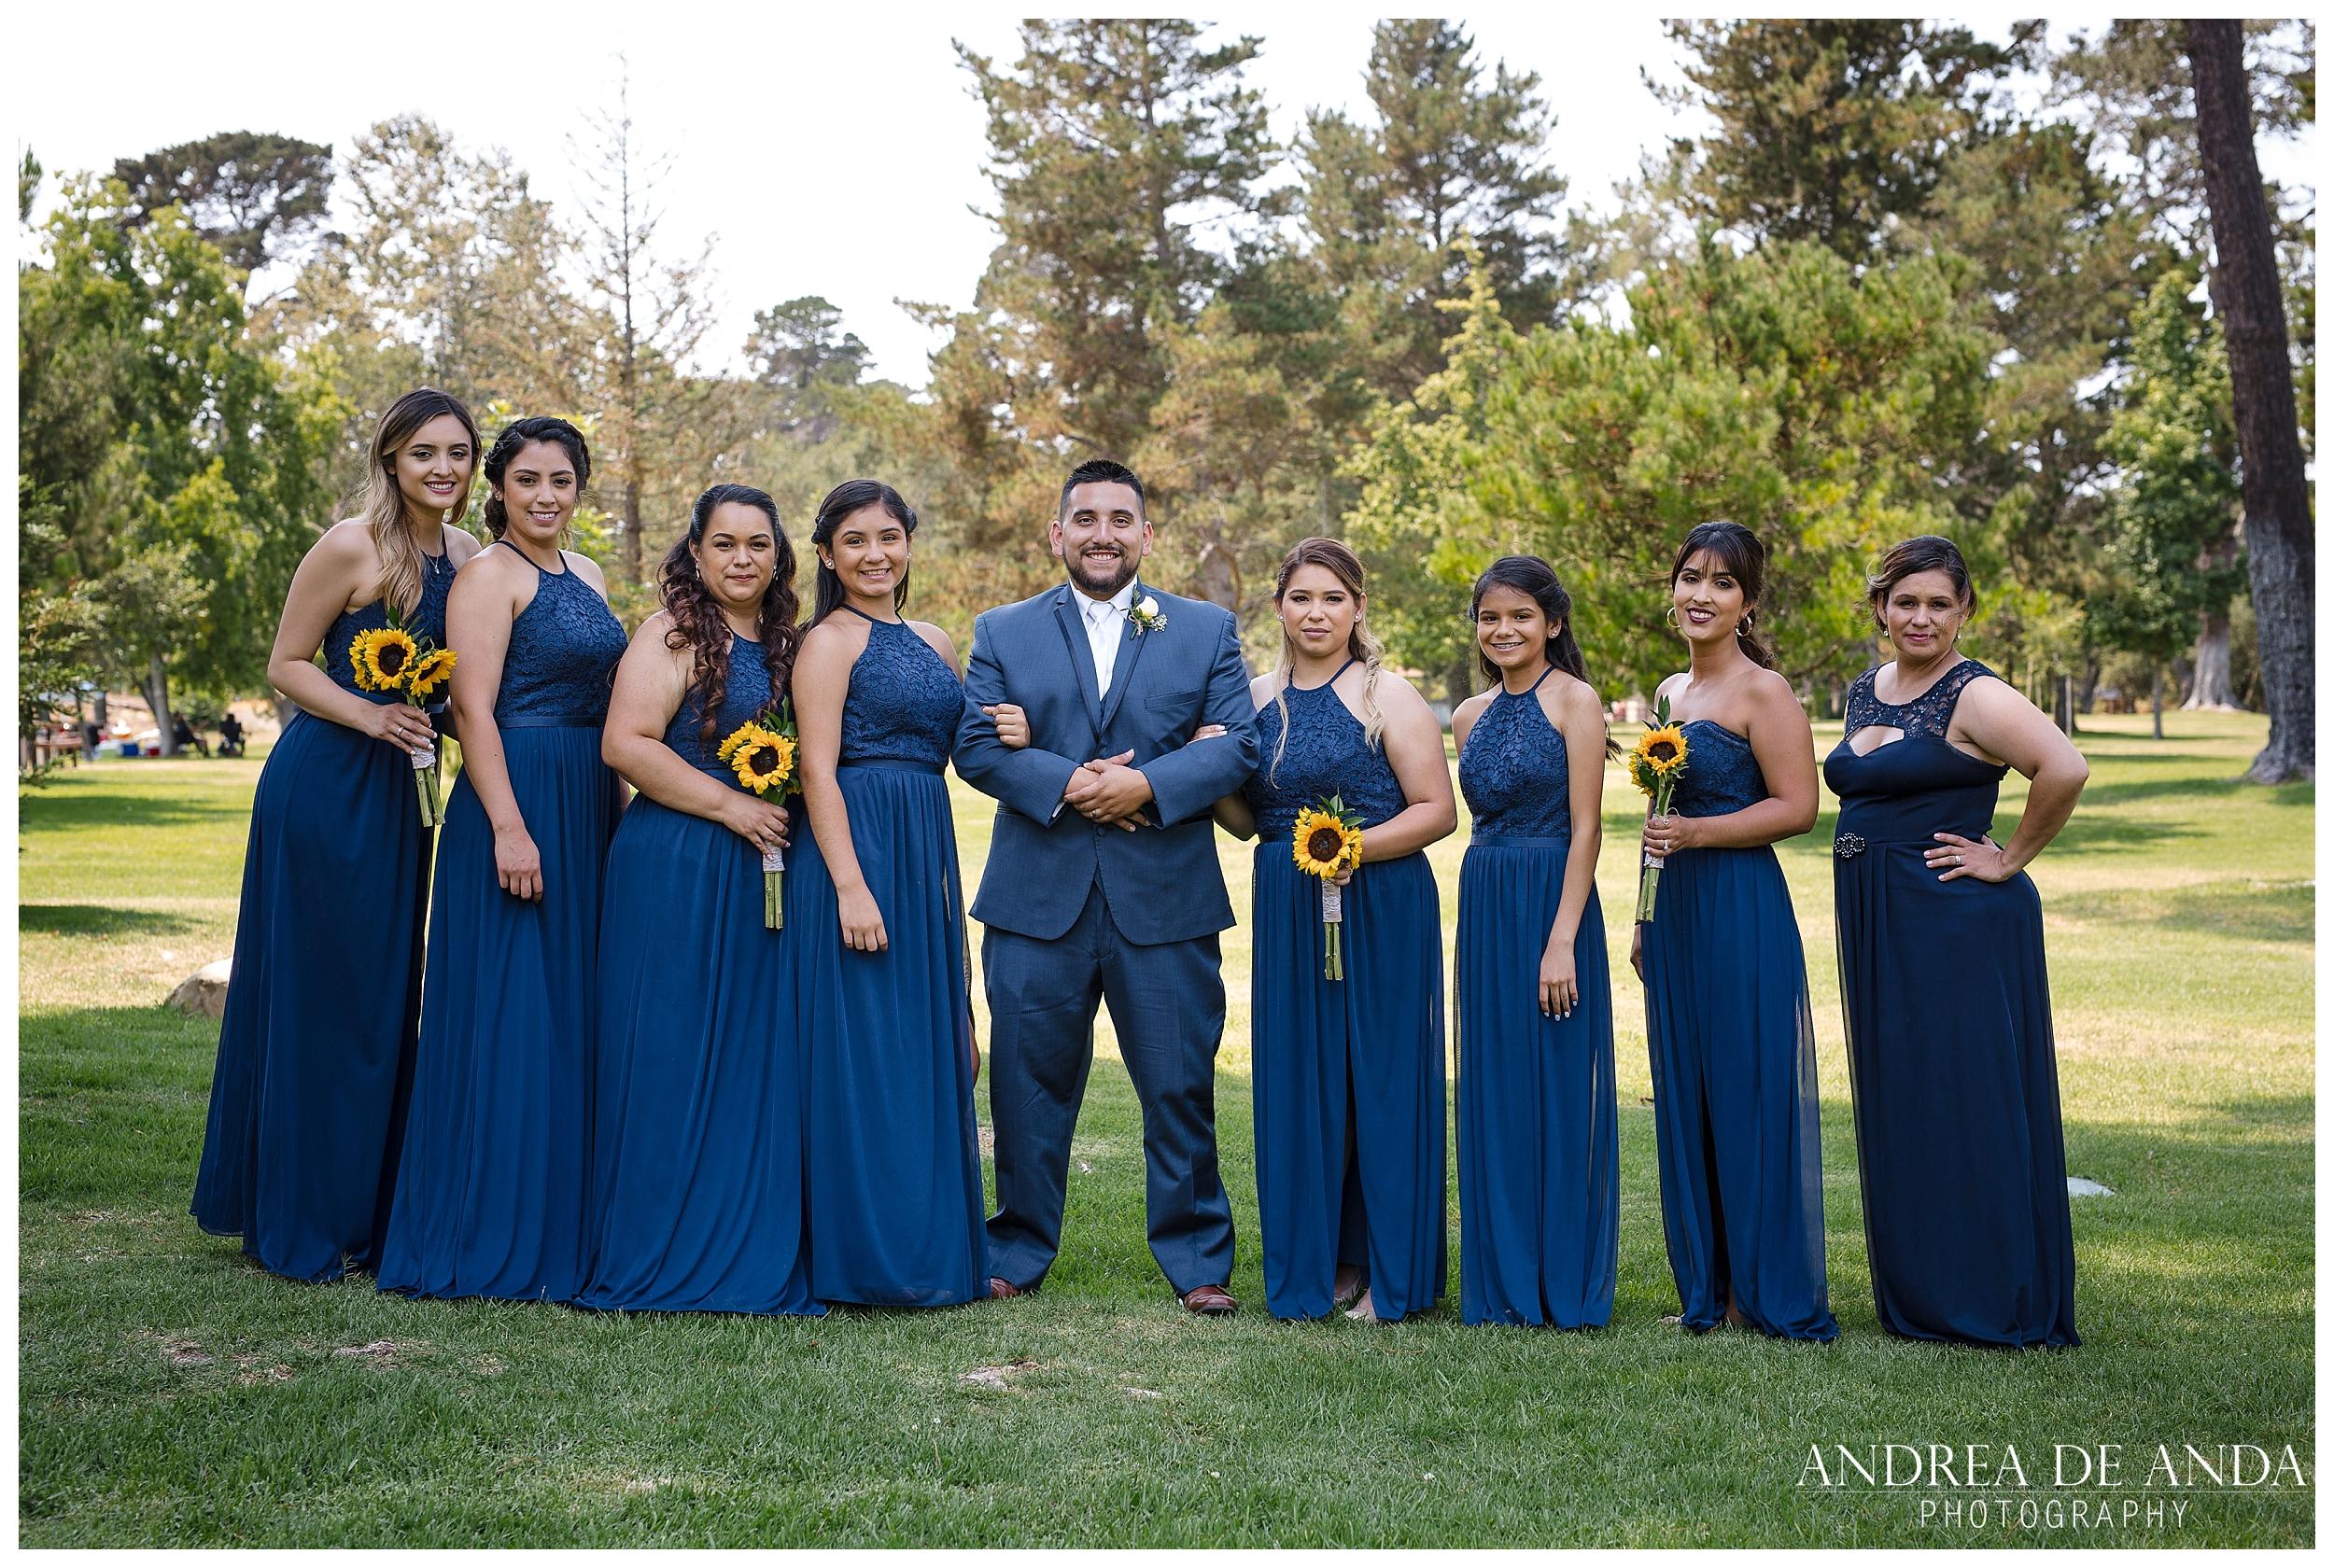 San Jose Wedding Photograhy by Andrea de Anda Photography__0014.jpg